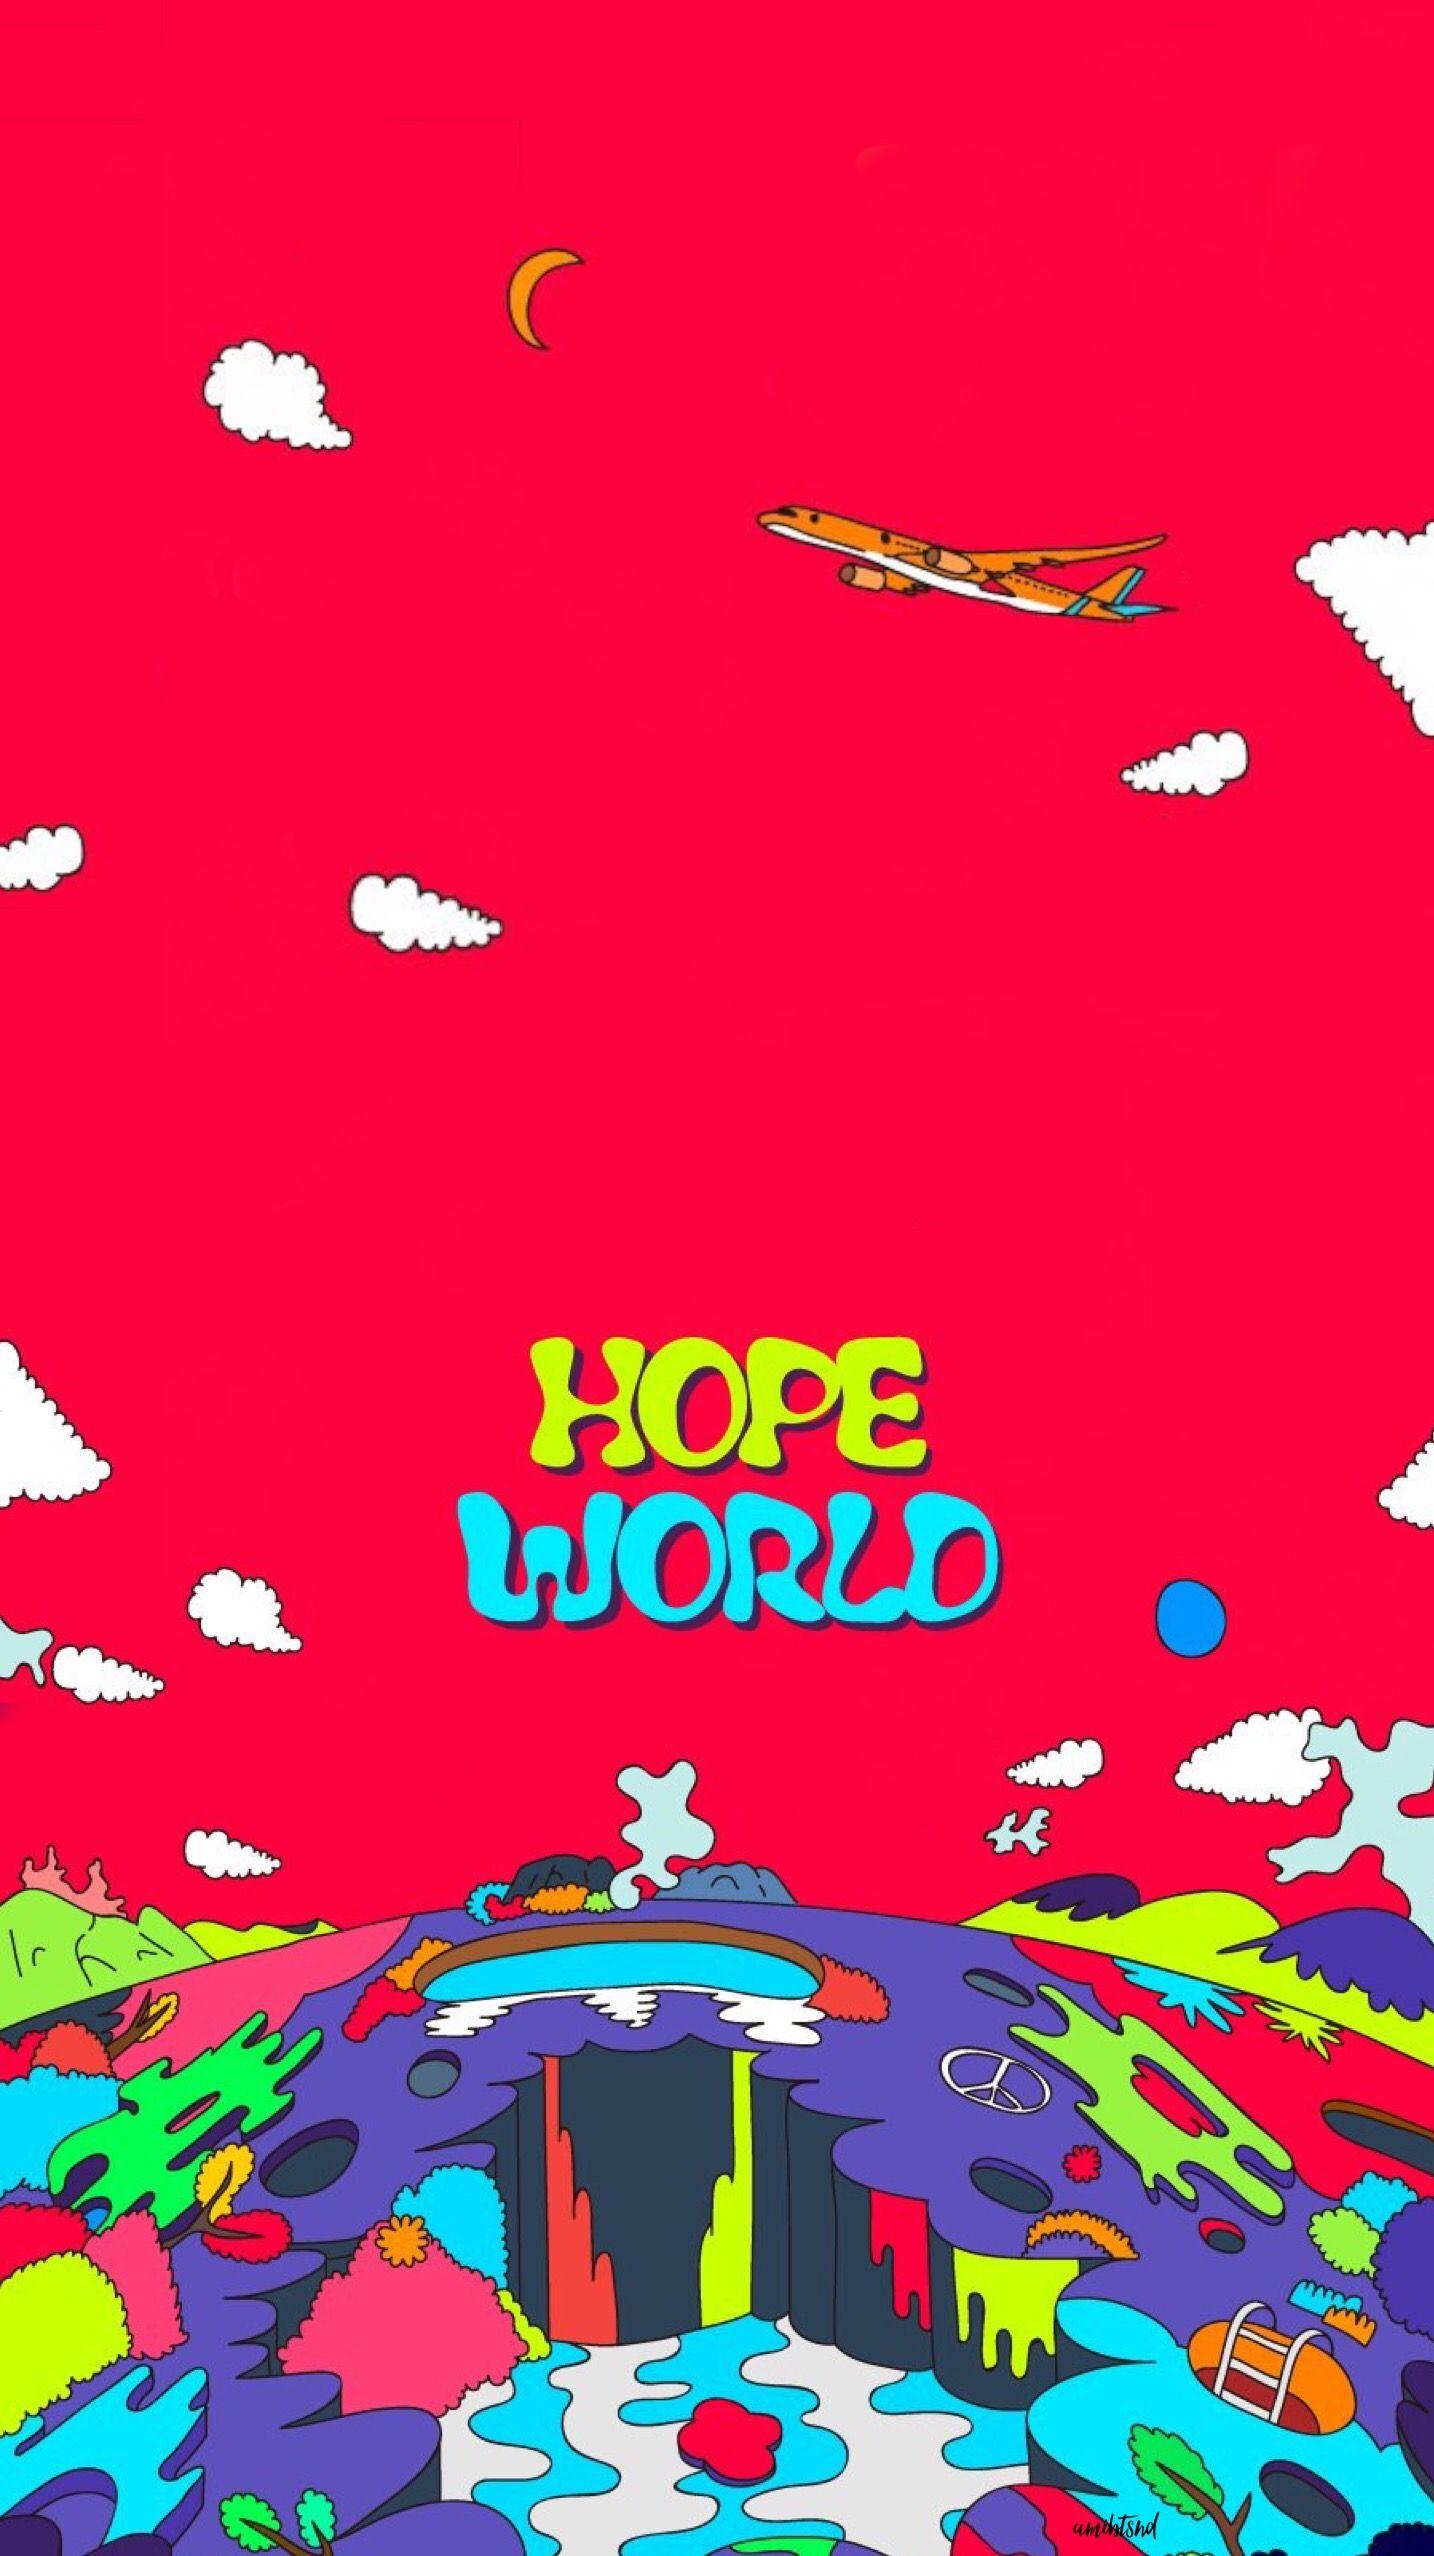 Bts Wallpaper Junghoseok Jhope Hope World Bts Wallpaper Bts Fanart Bts Backgrounds